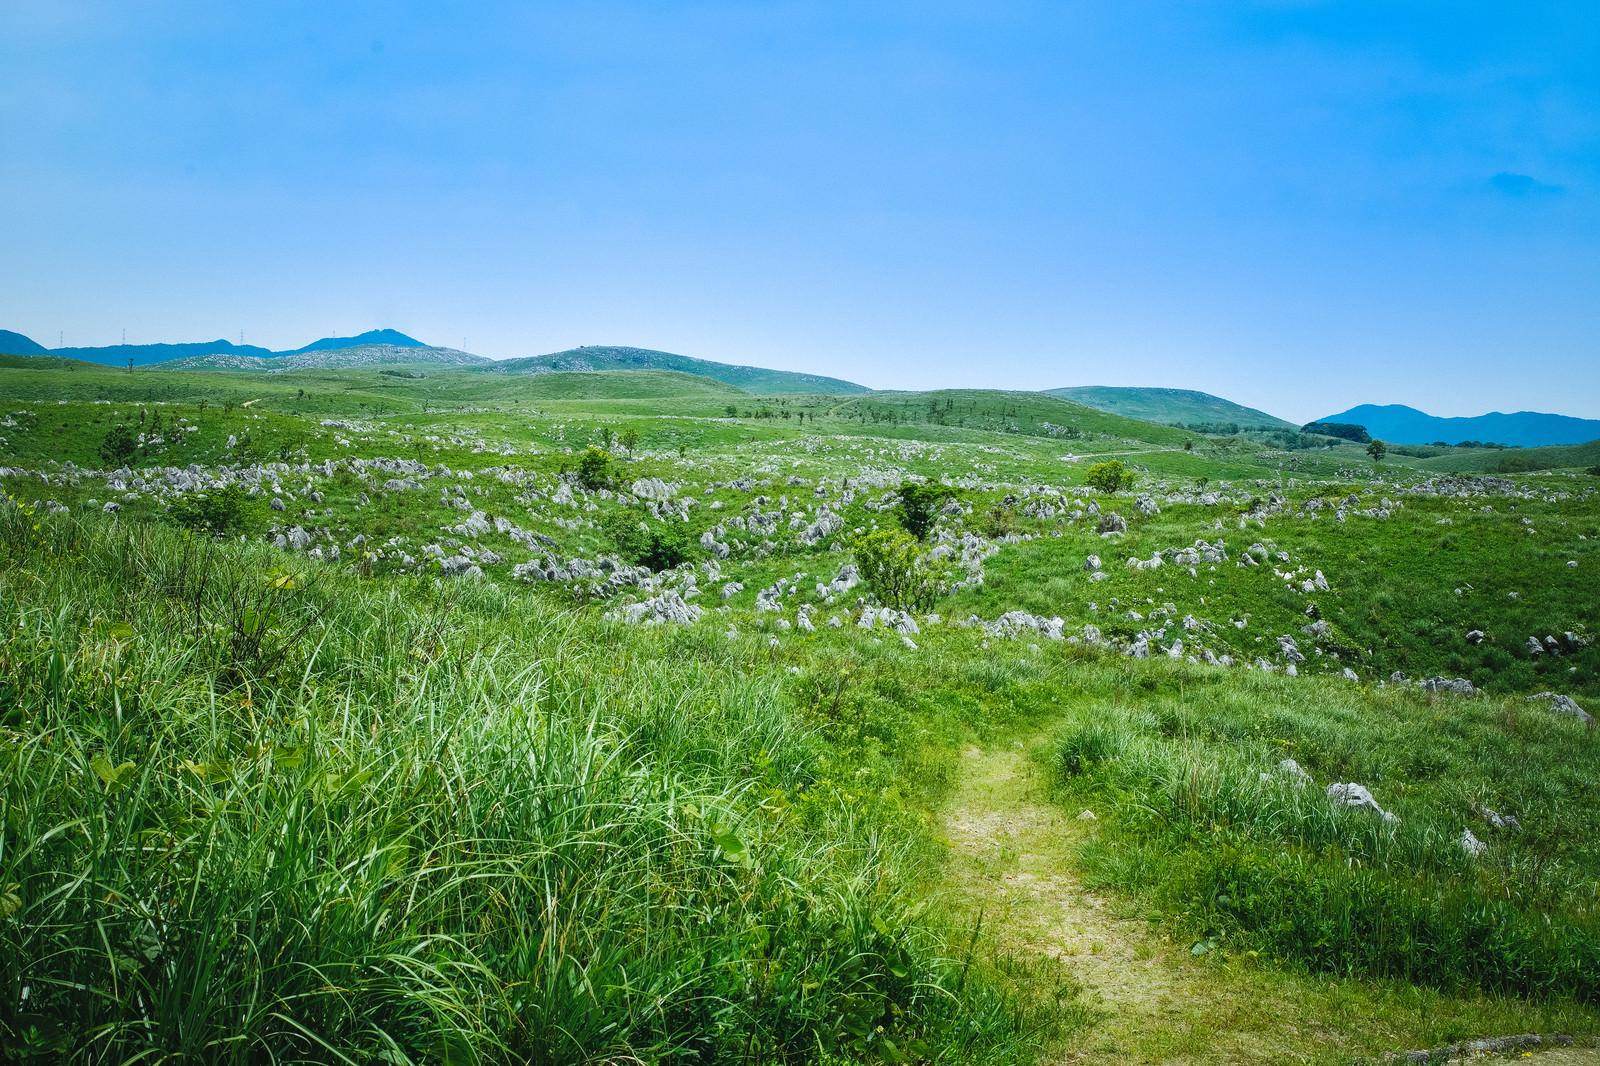 「カルスト台地の草原を進む小道(山口県美祢市) | 写真の無料素材・フリー素材 - ぱくたそ」の写真